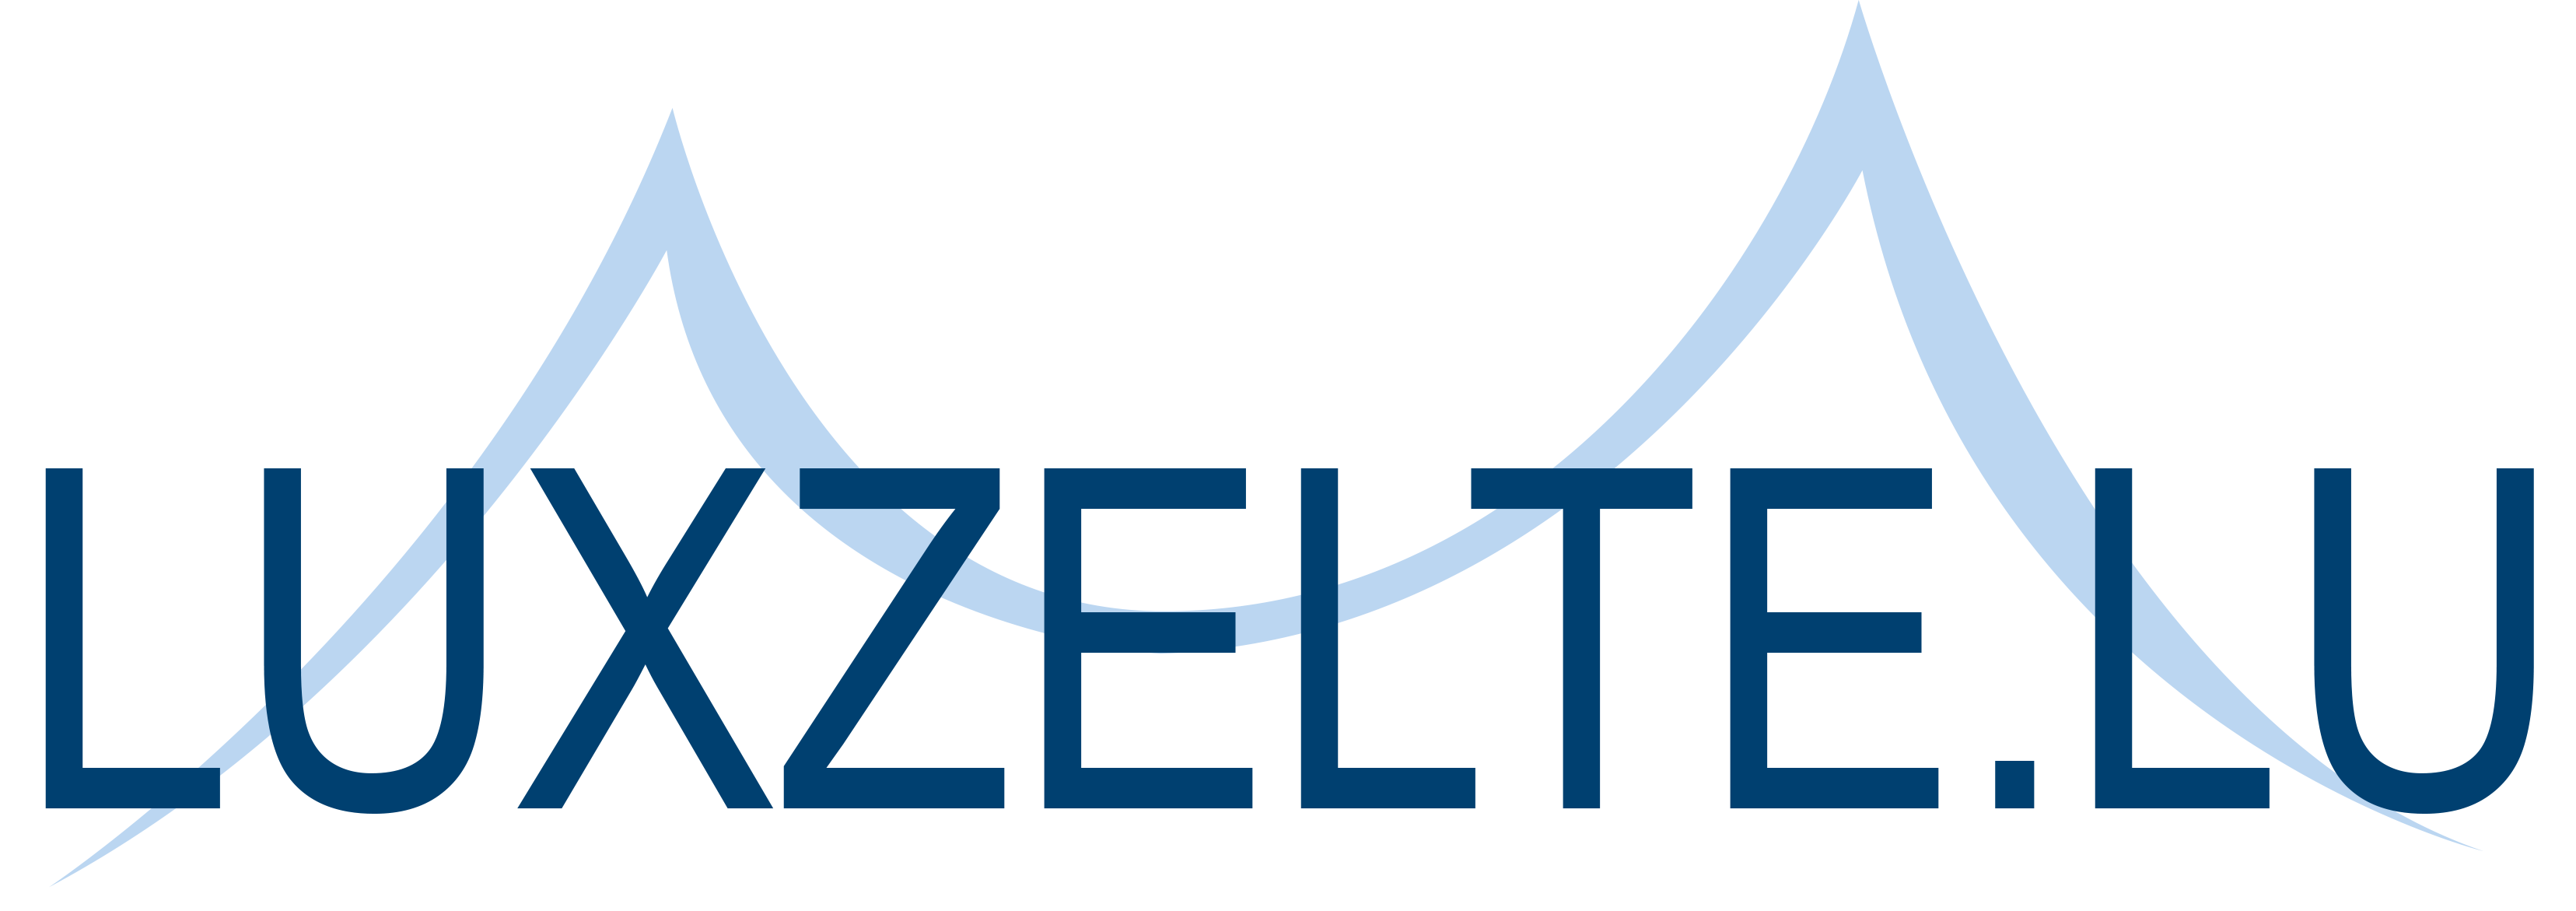 Logo Luxzelte